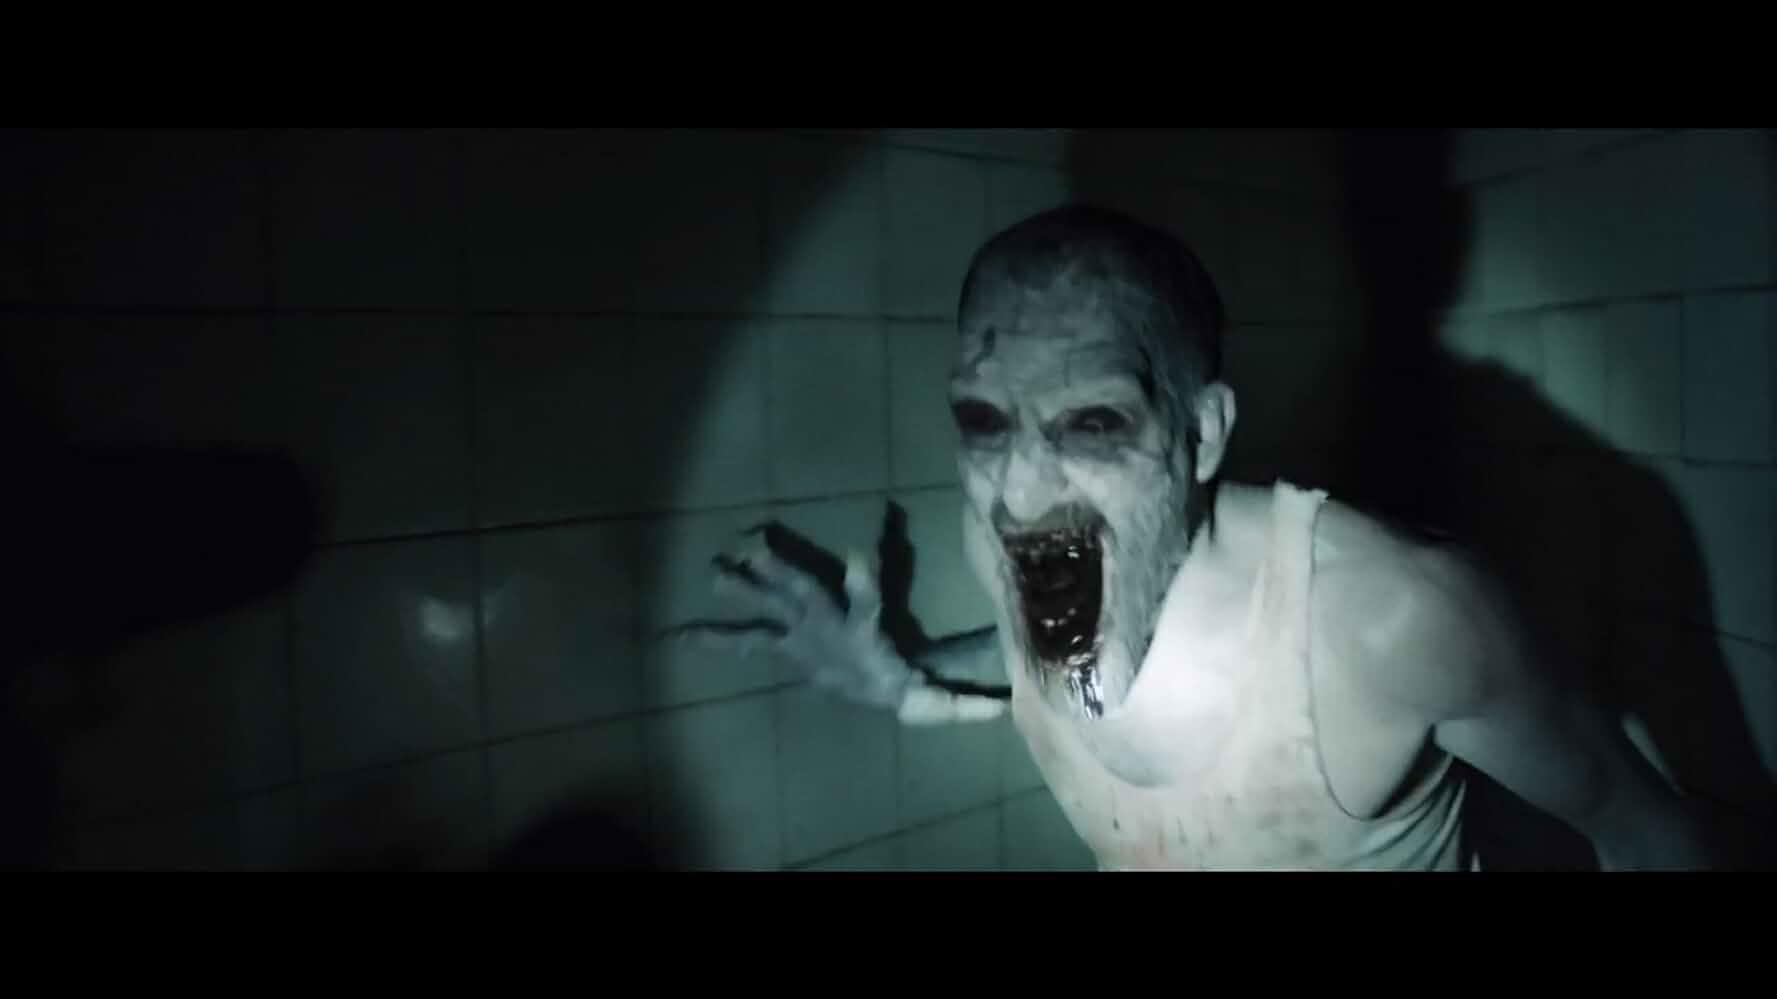 Download Ghoul 2018 (Season 1) {Hindi} 480p [100MB] || 720p [300MB] || 1080p [600MB]